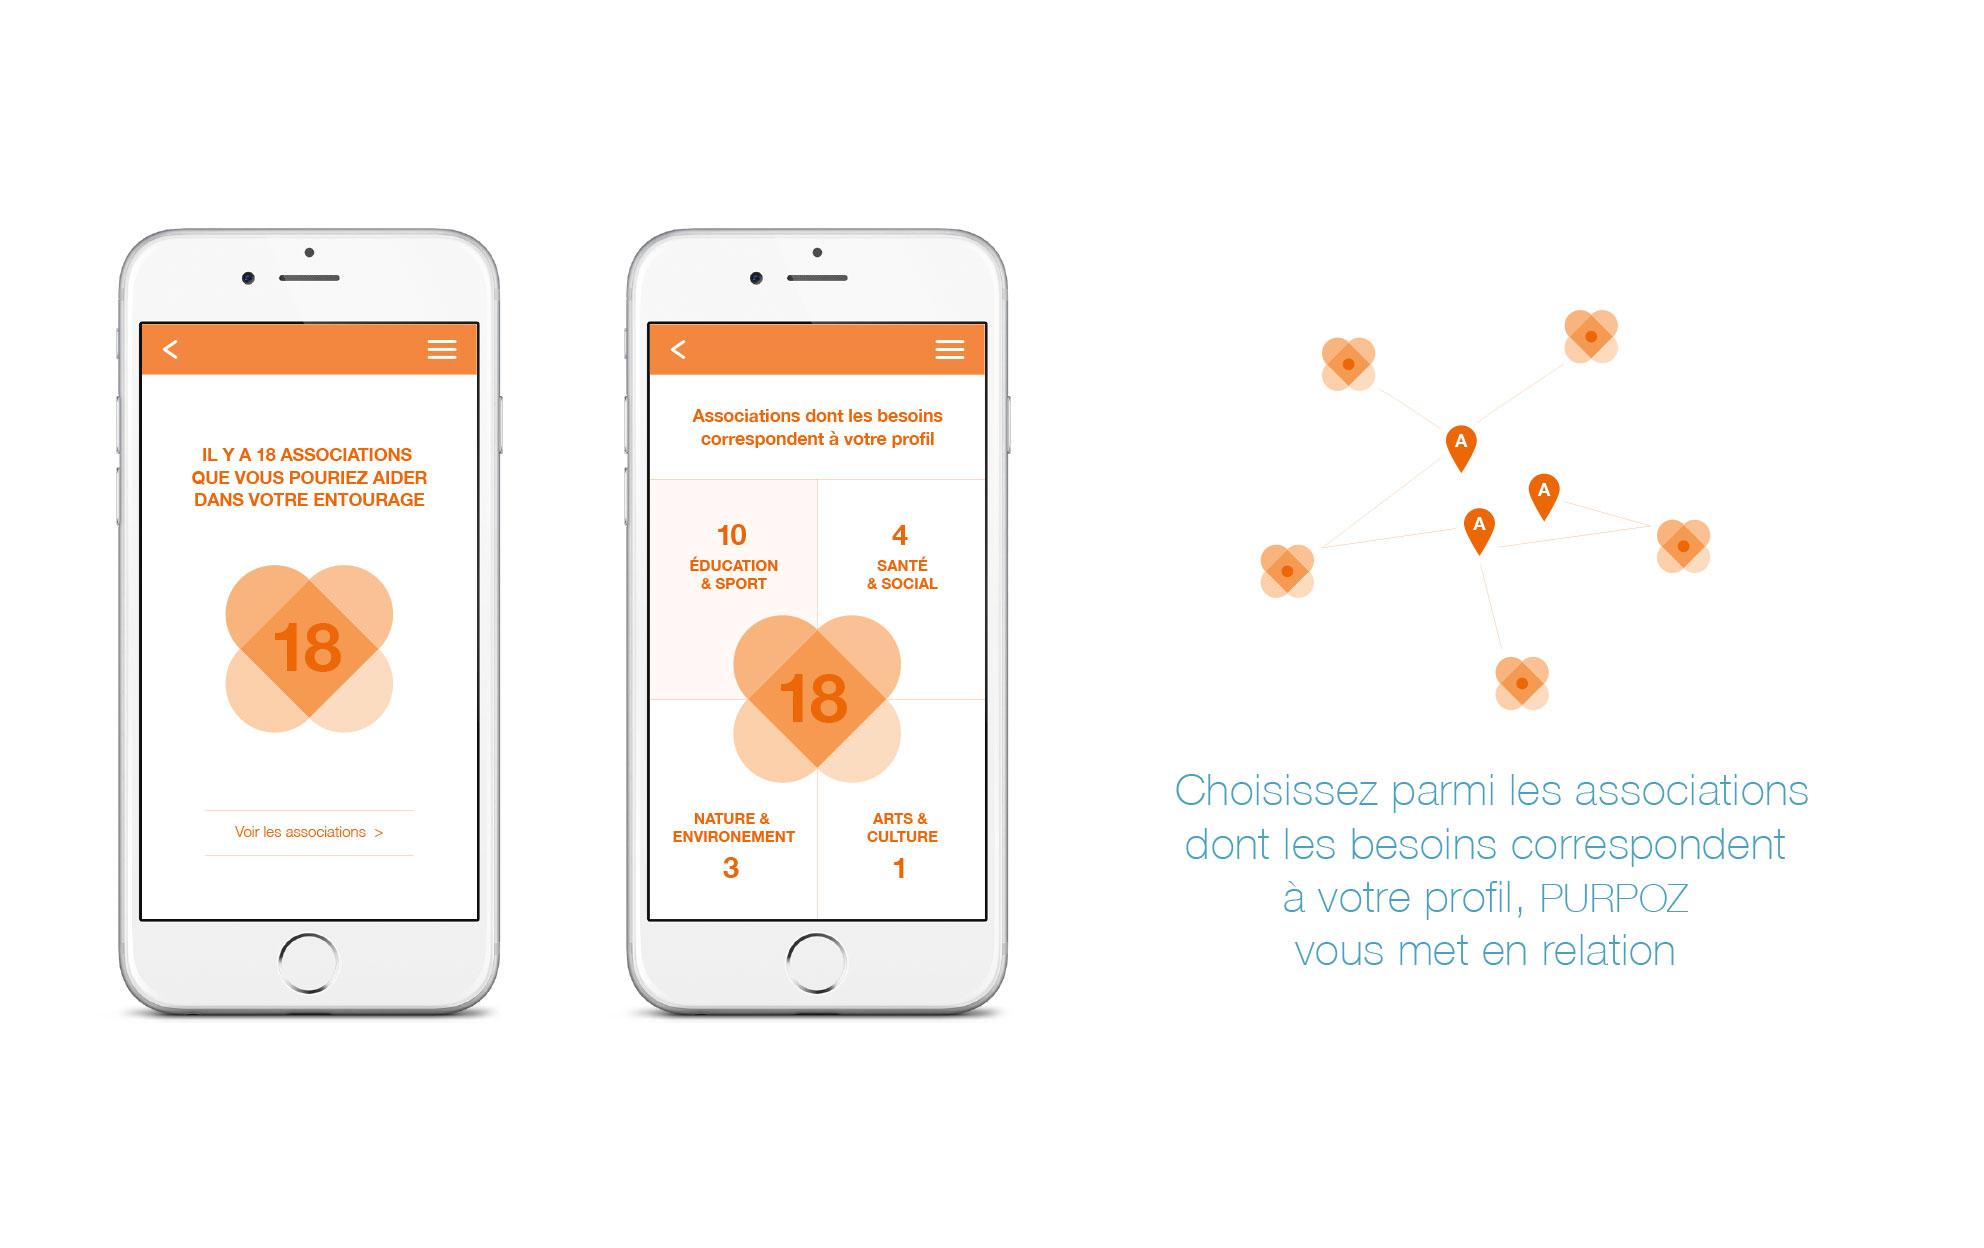 creation-design-graphique-identite-visuelle-naming-logo-digital-application-participative-nico-nico-nicolas-vignais-designer-graphique-independant-identite-visuelle-packaging-bordeaux-france-5